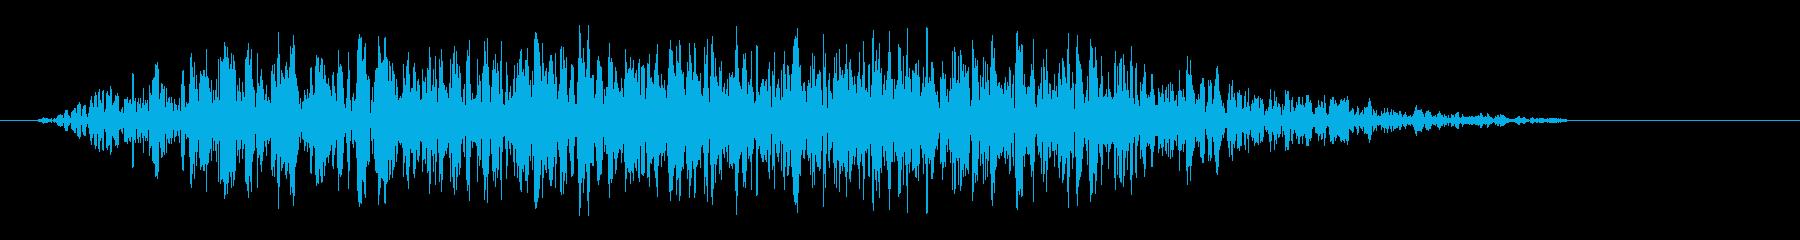 カセットテープが詰まる音の再生済みの波形